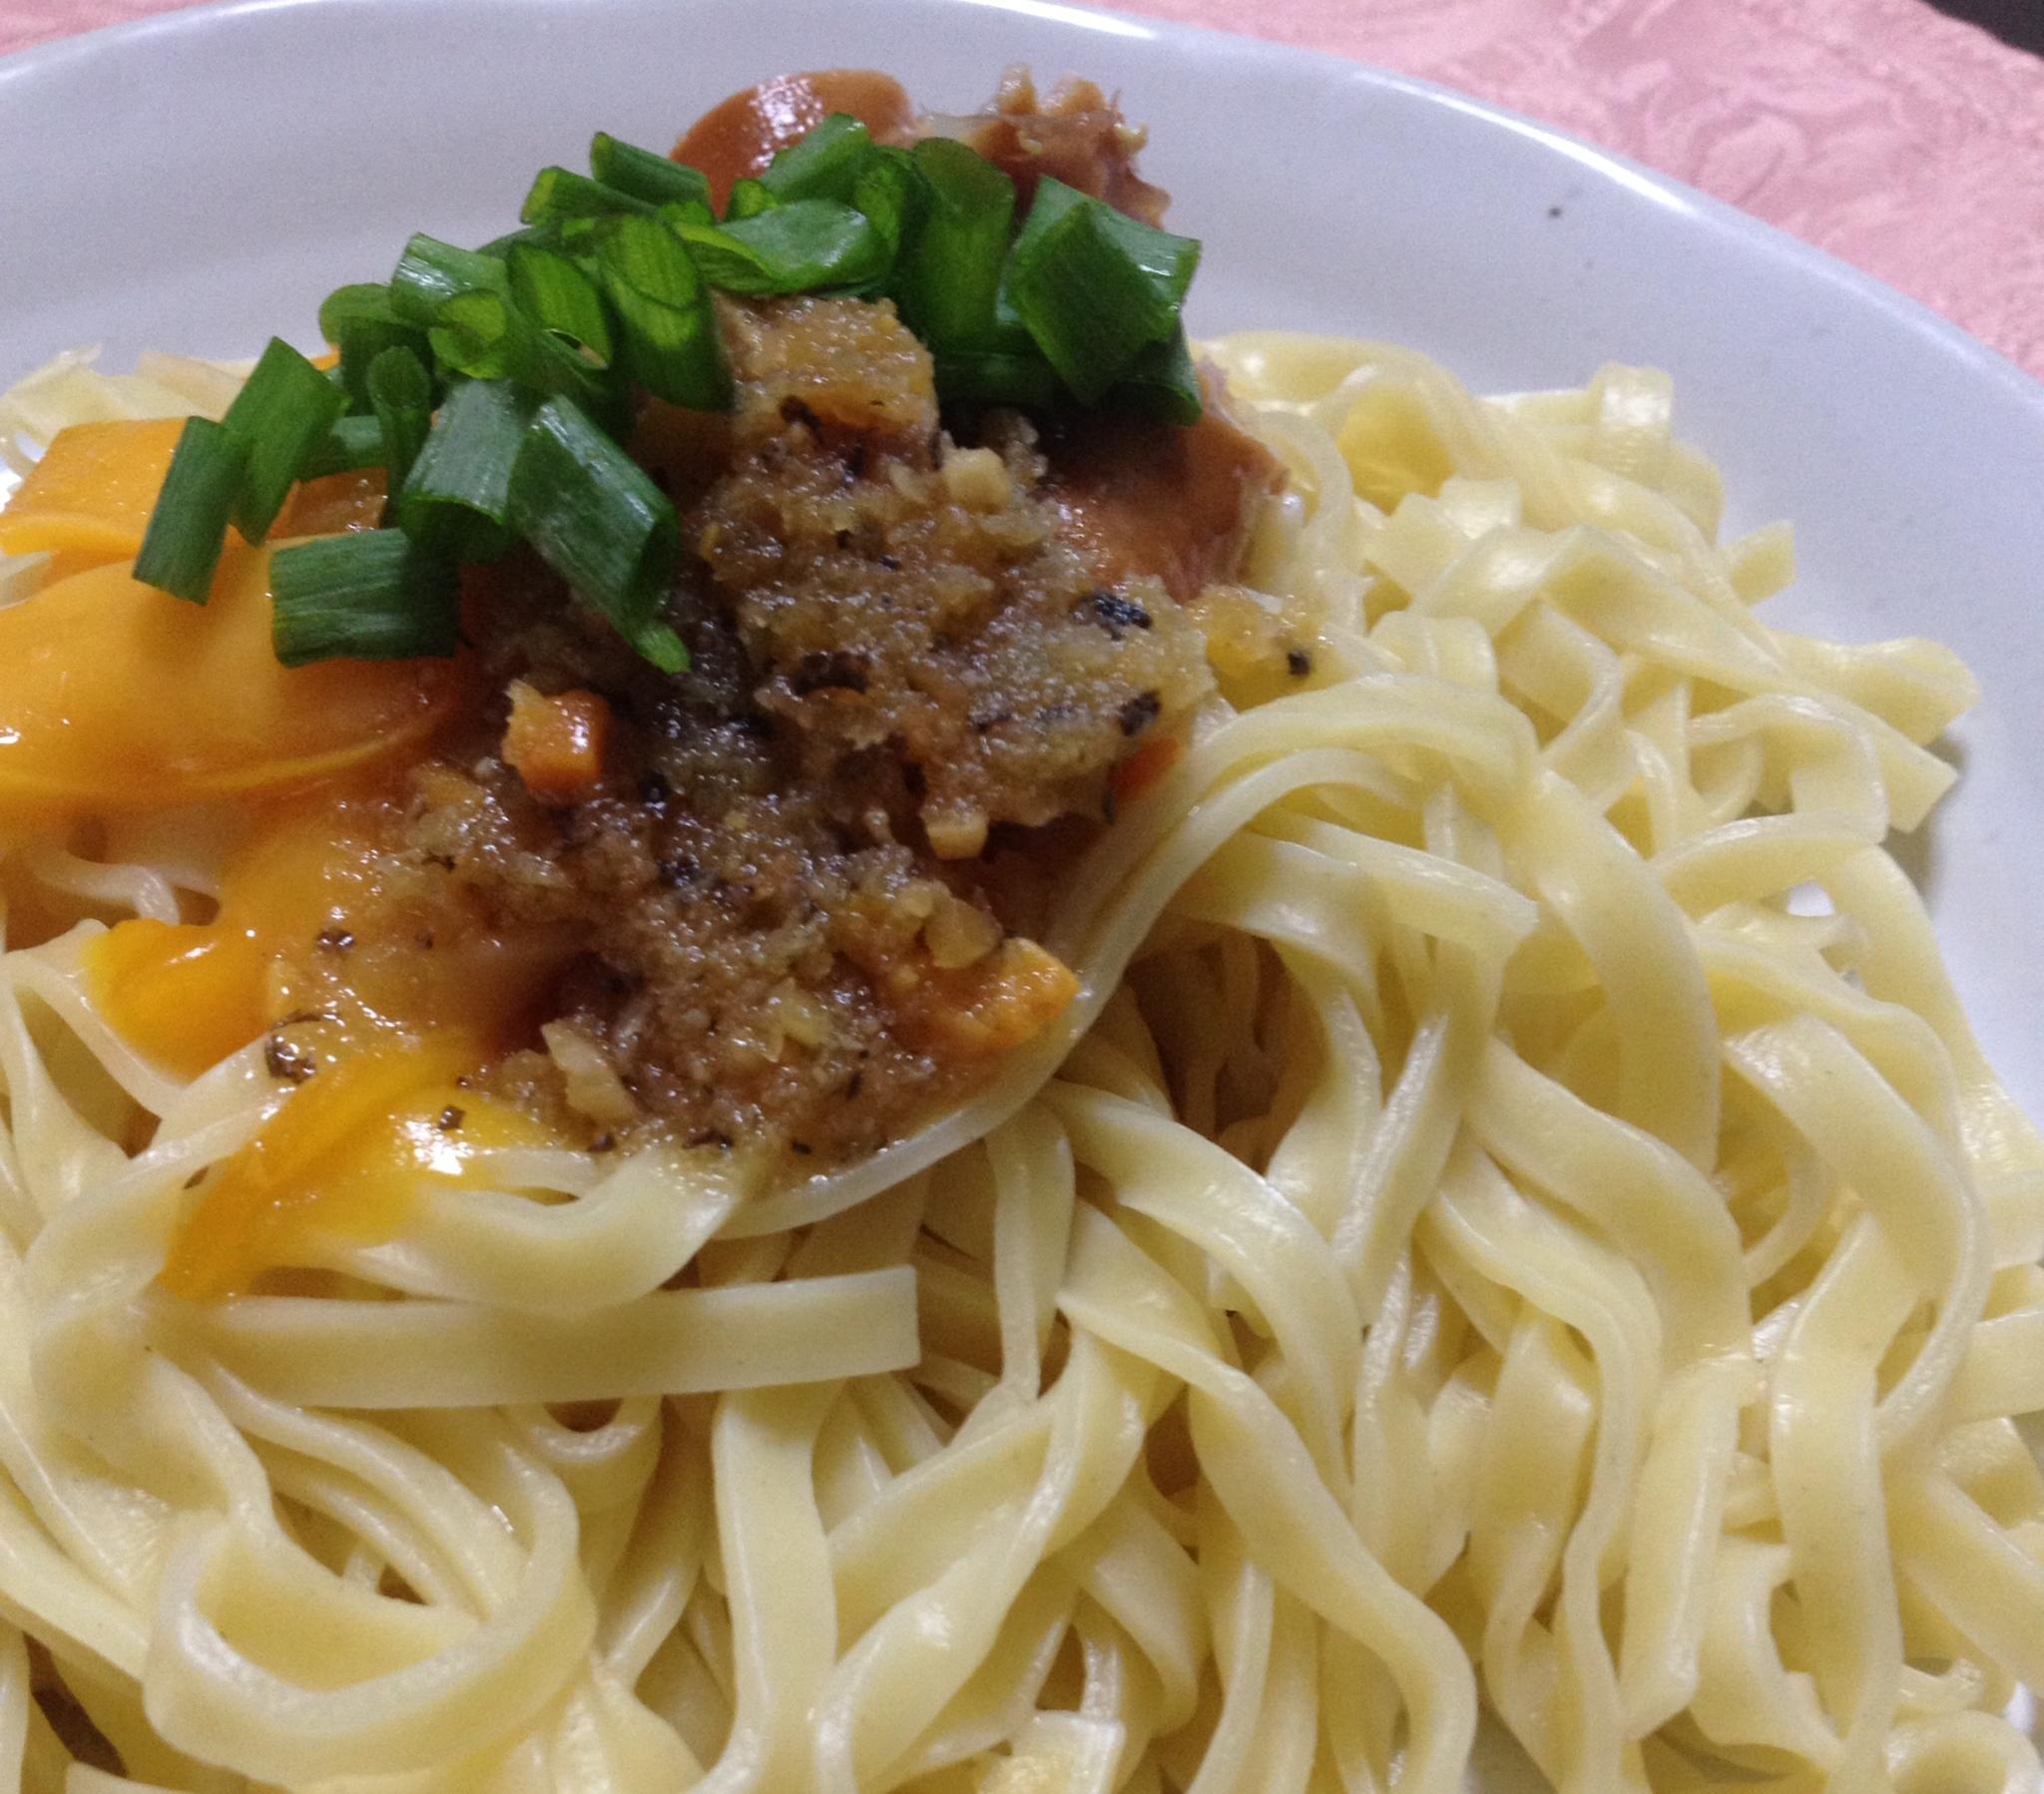 食べるオリーブオイルチーズ入りパスタ写真